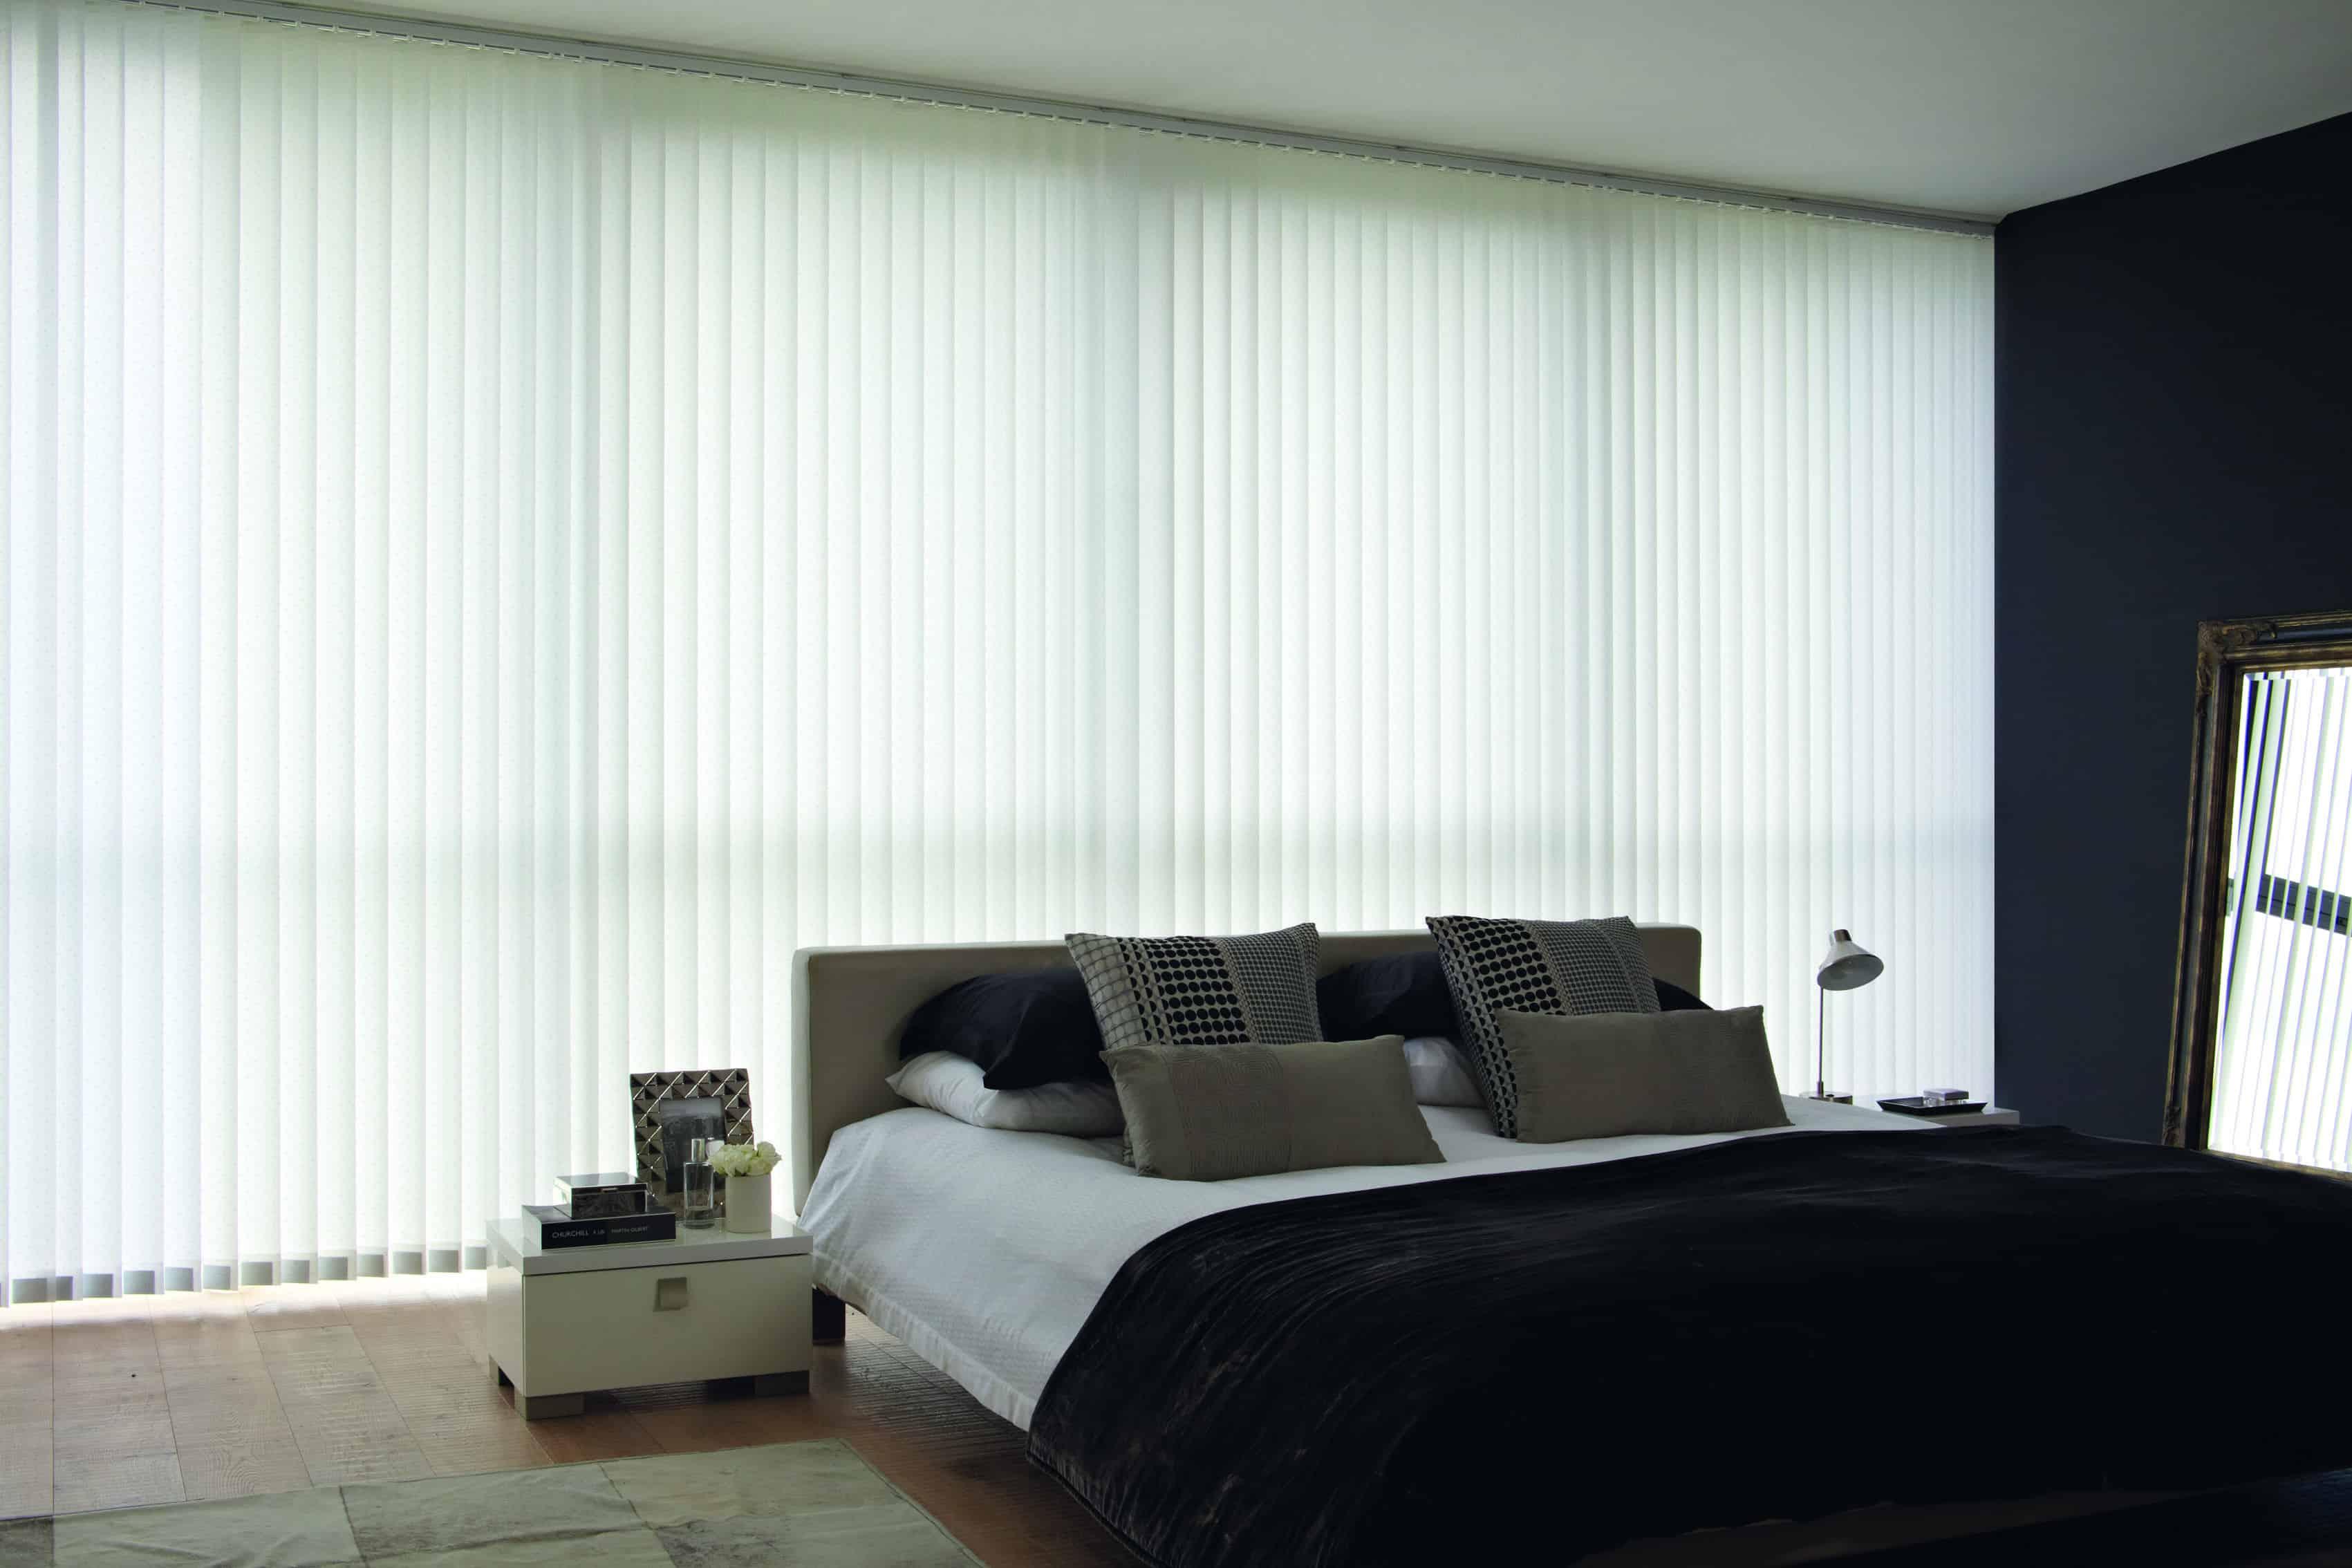 Cheapest Blinds Uk Light Dove Grey Vertical Blinds